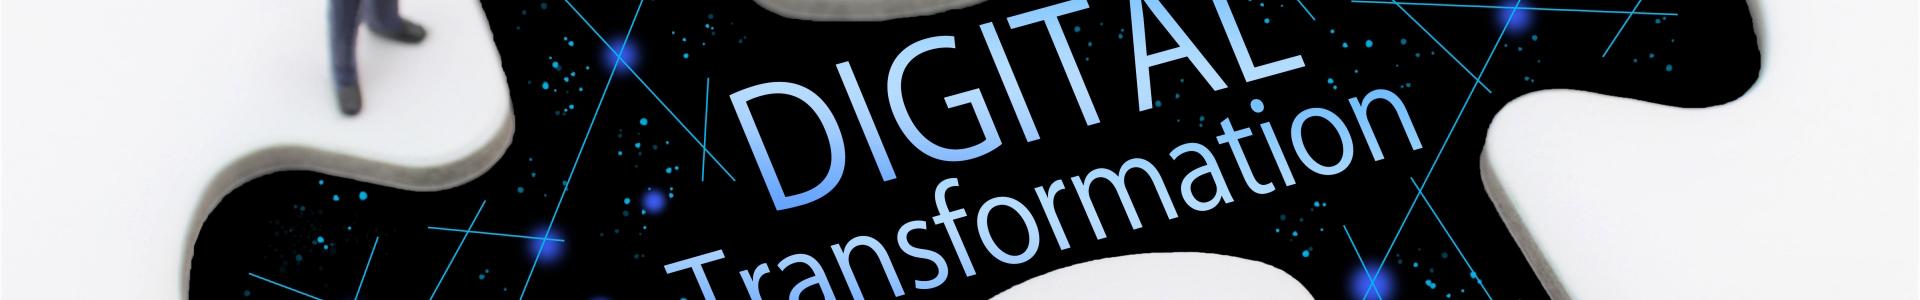 デジタルコンテンツ販売ビジネス スタートアップ支援プログラムイメージ4